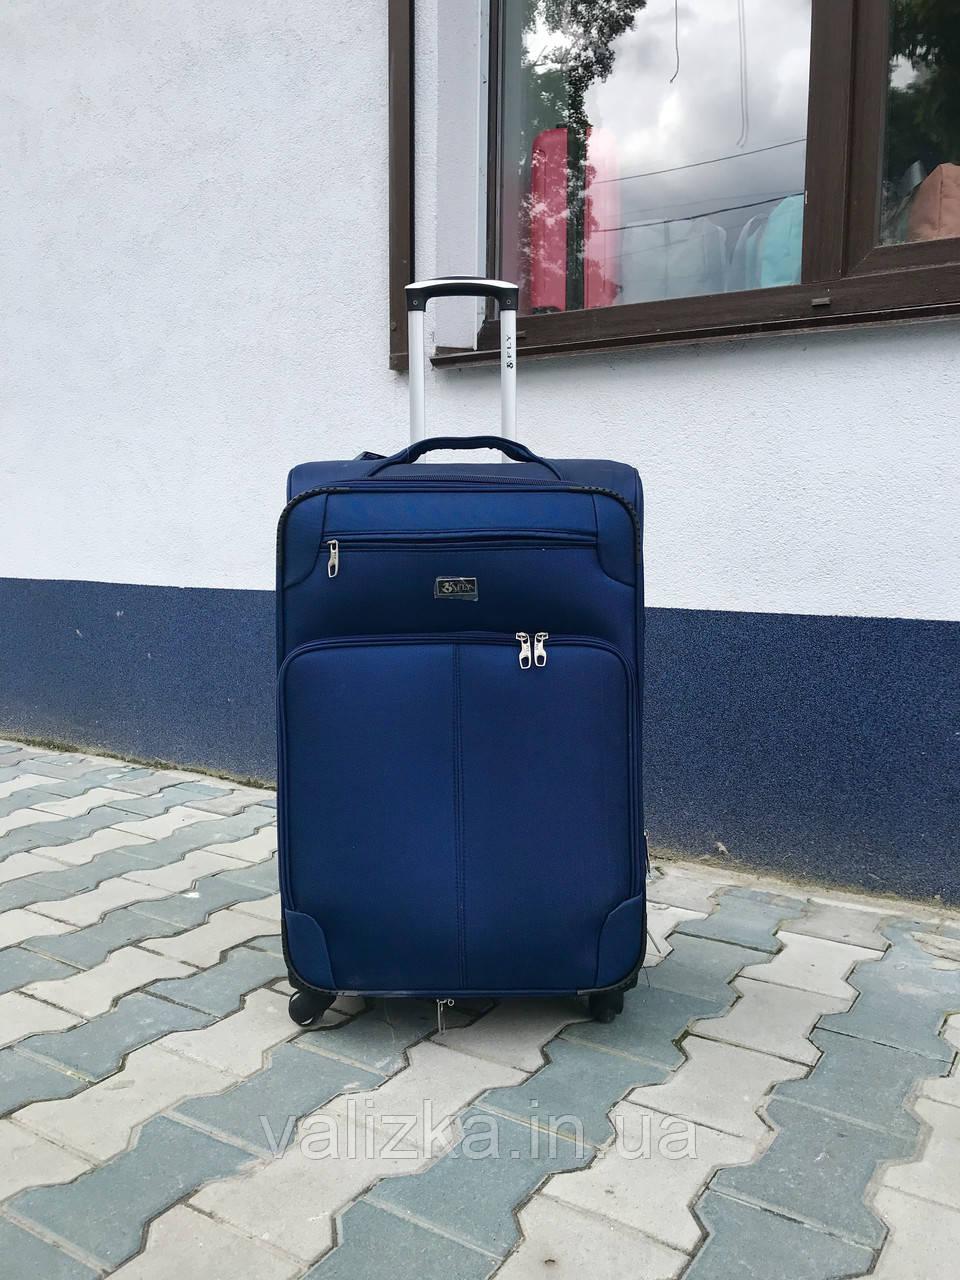 Якісний середній тканинний текстильний валізу синій на 4-х колесах Польща